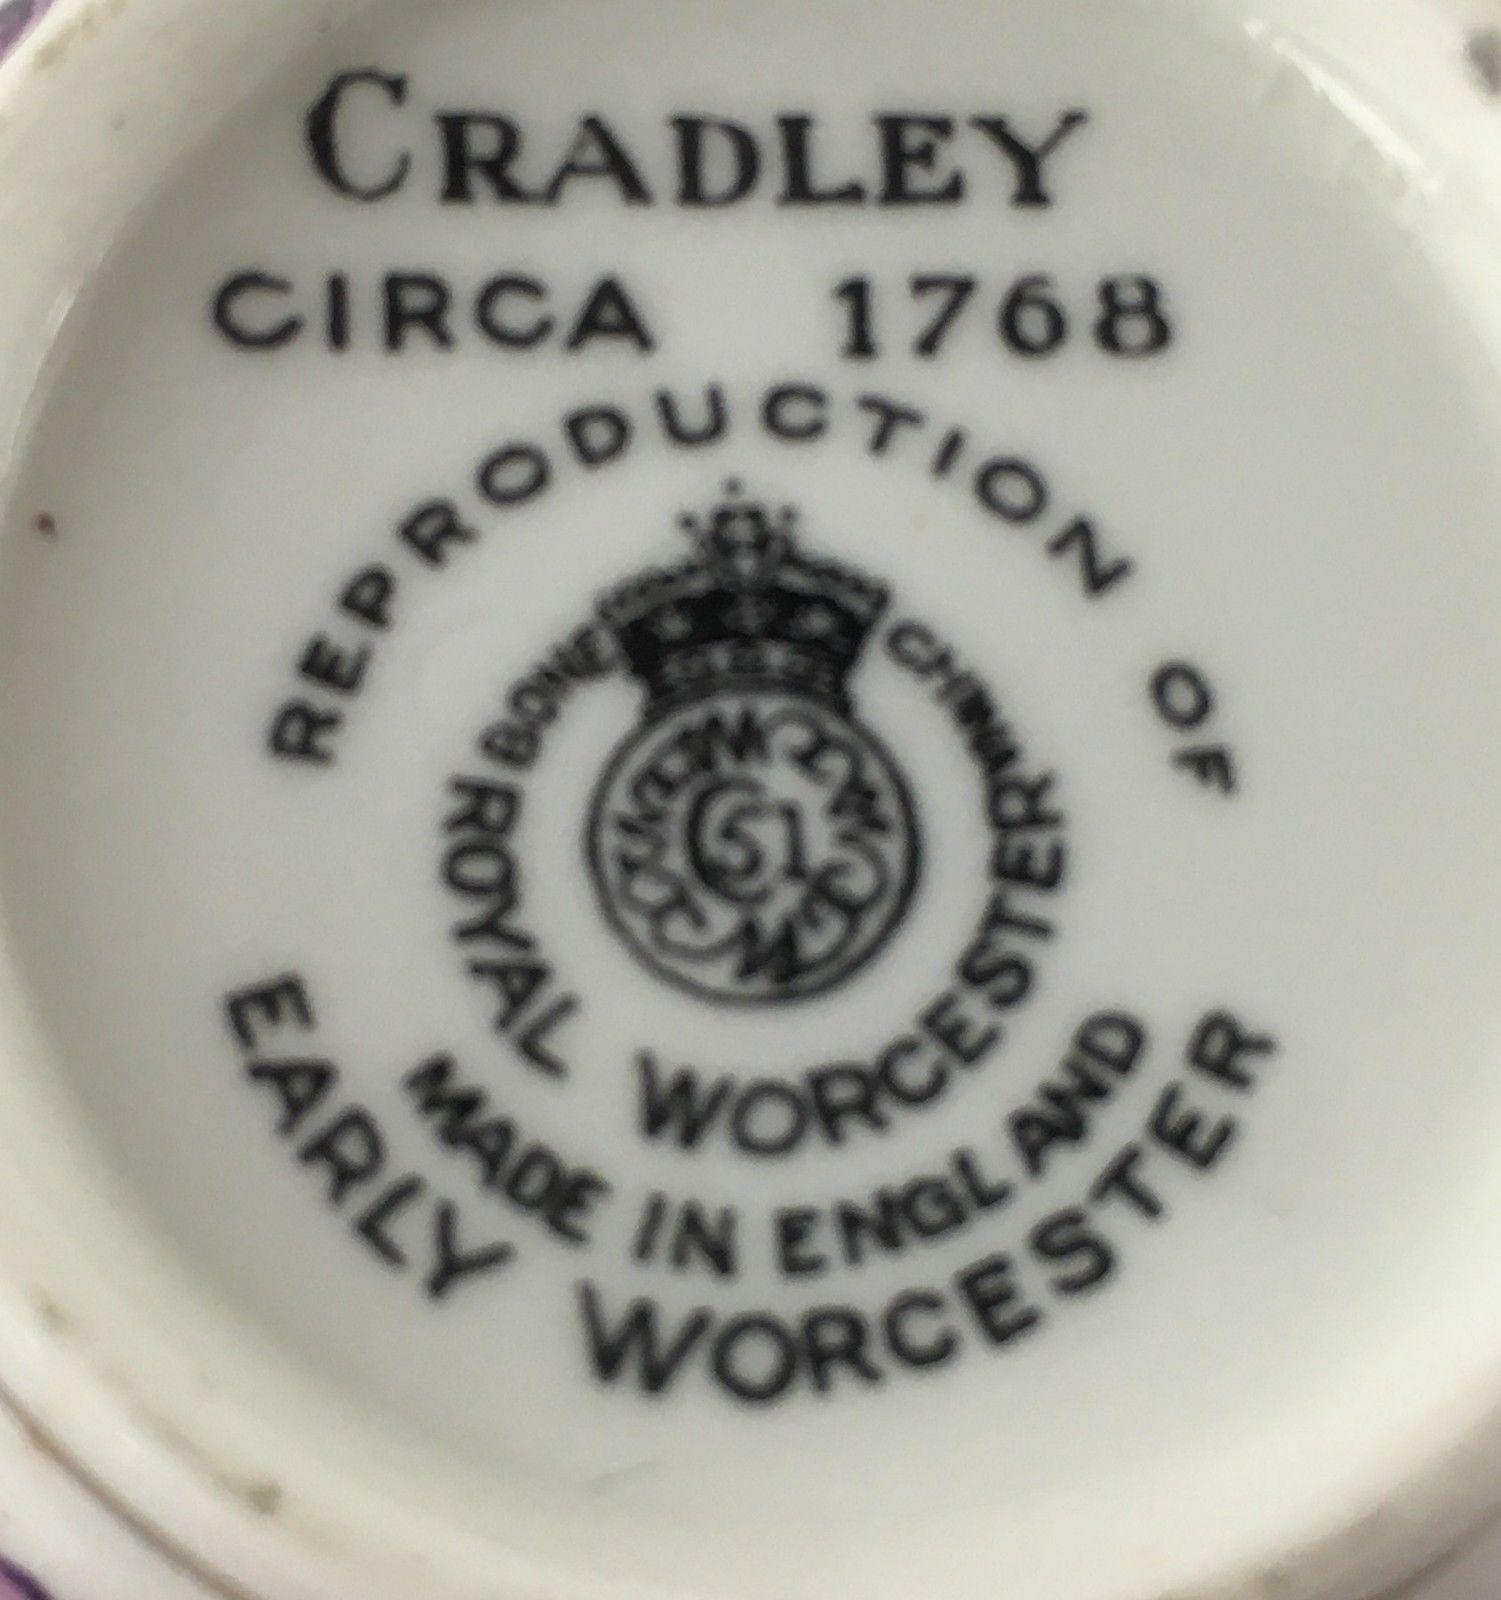 Royal Worcester Cradley set of 12 demitasse cups & 11 saucers